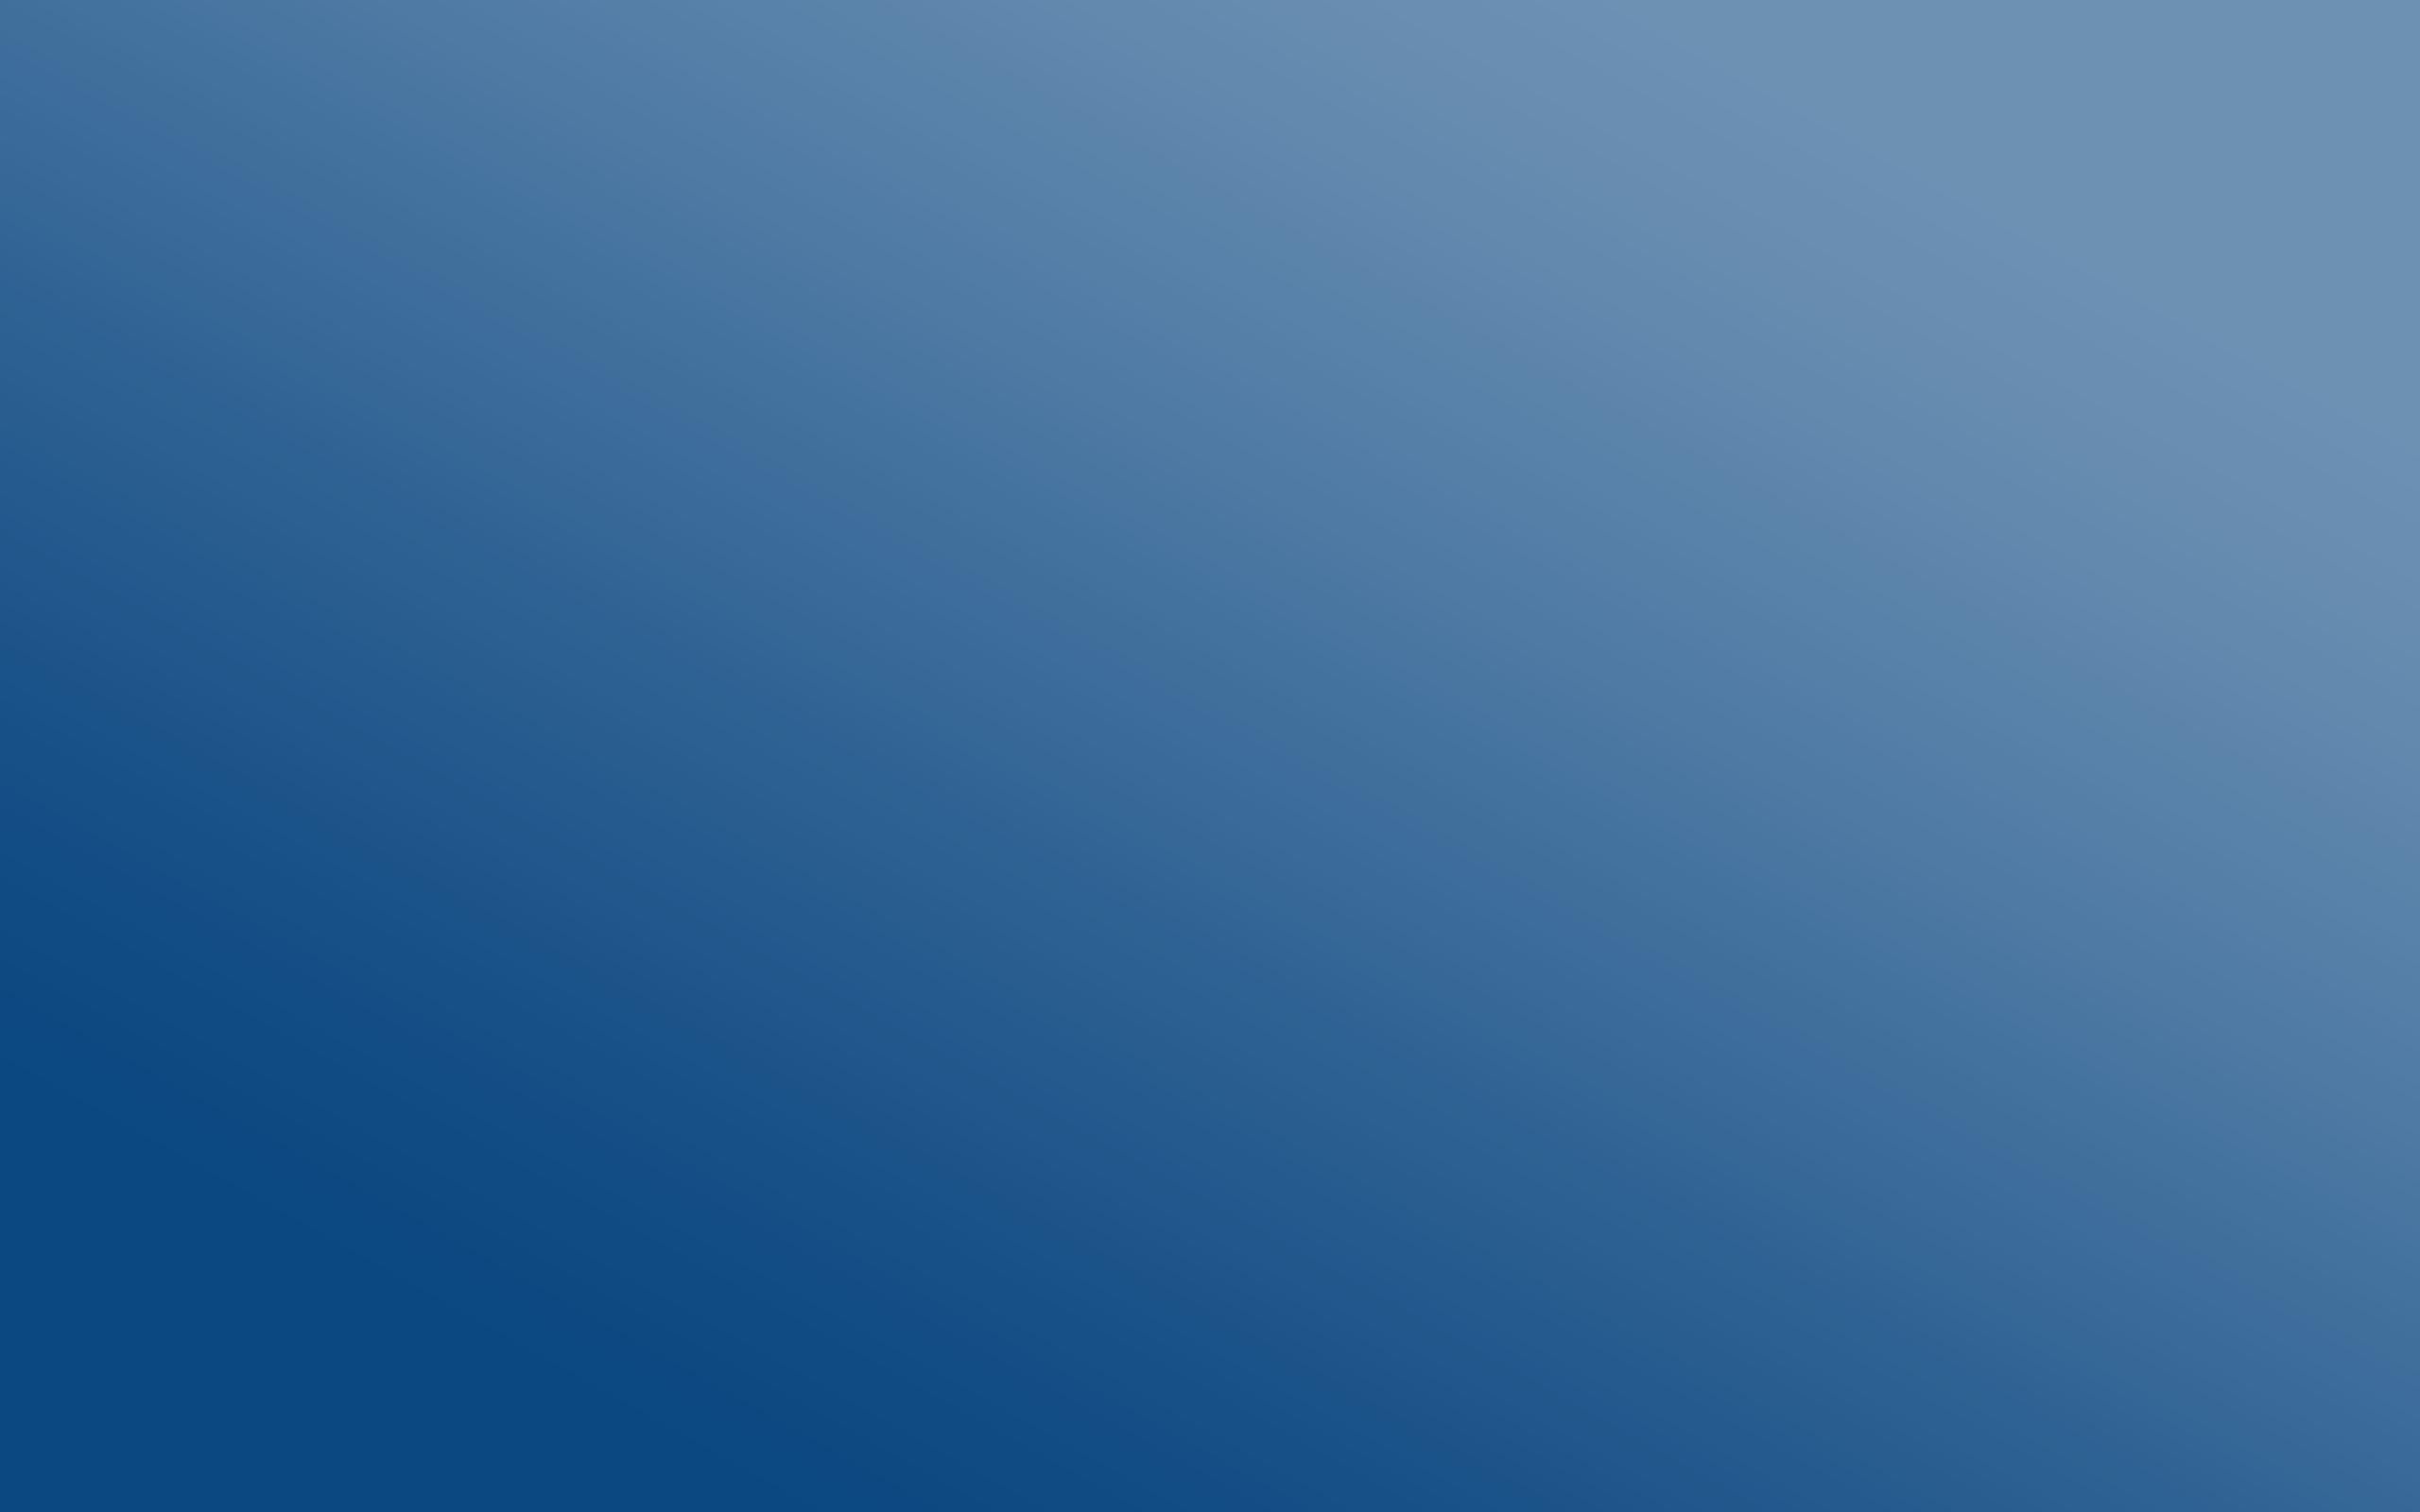 ... Color Splash Wallpaper; Solid Black Wallpaper; Solid Blue Background ...